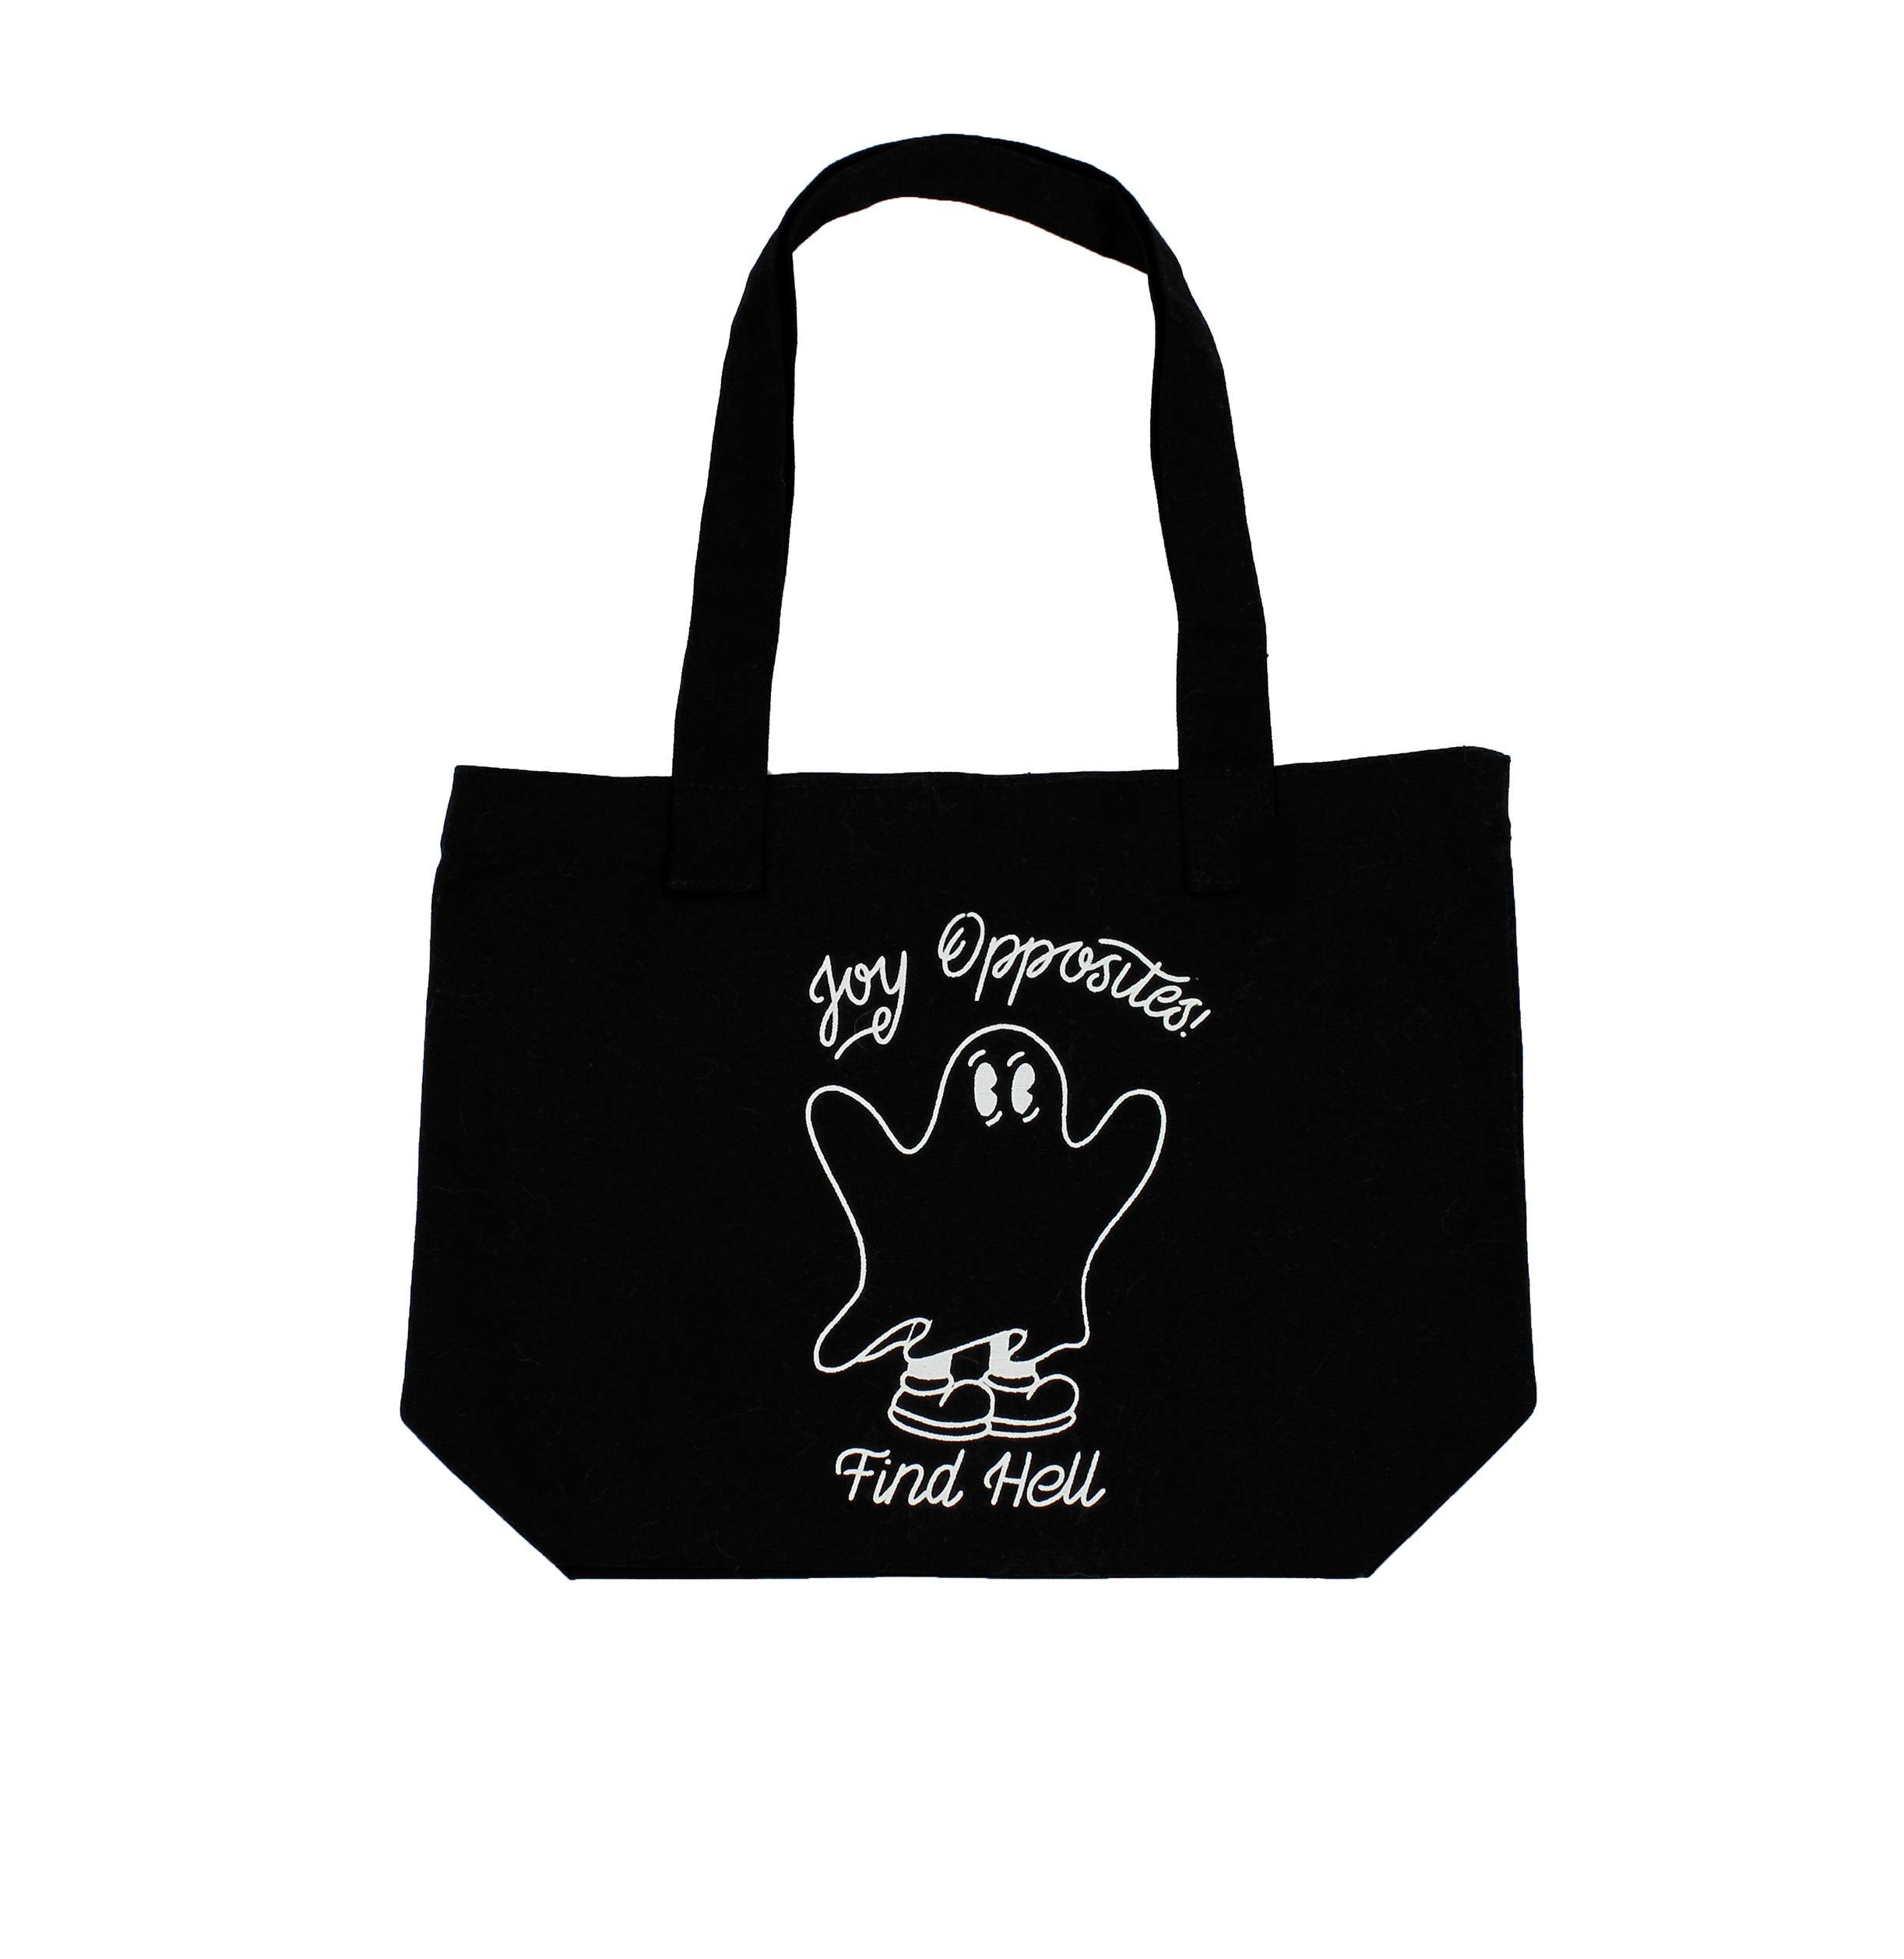 'Ghost' Tote Bag - Joy Opposites